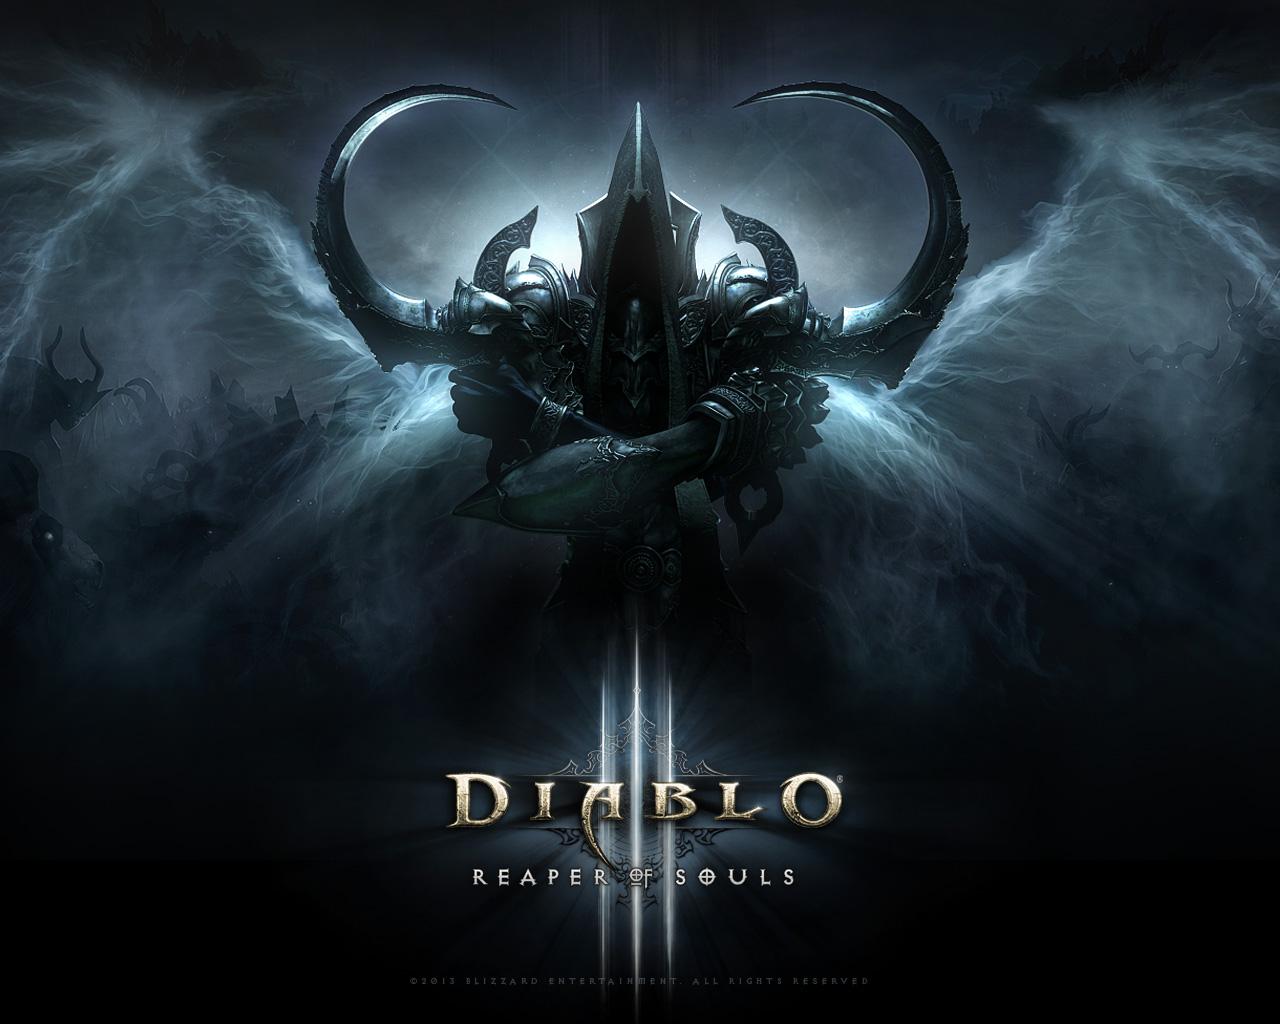 Diablo Wallpaper Diablo 3 265048 Hd Wallpaper Backgrounds Download